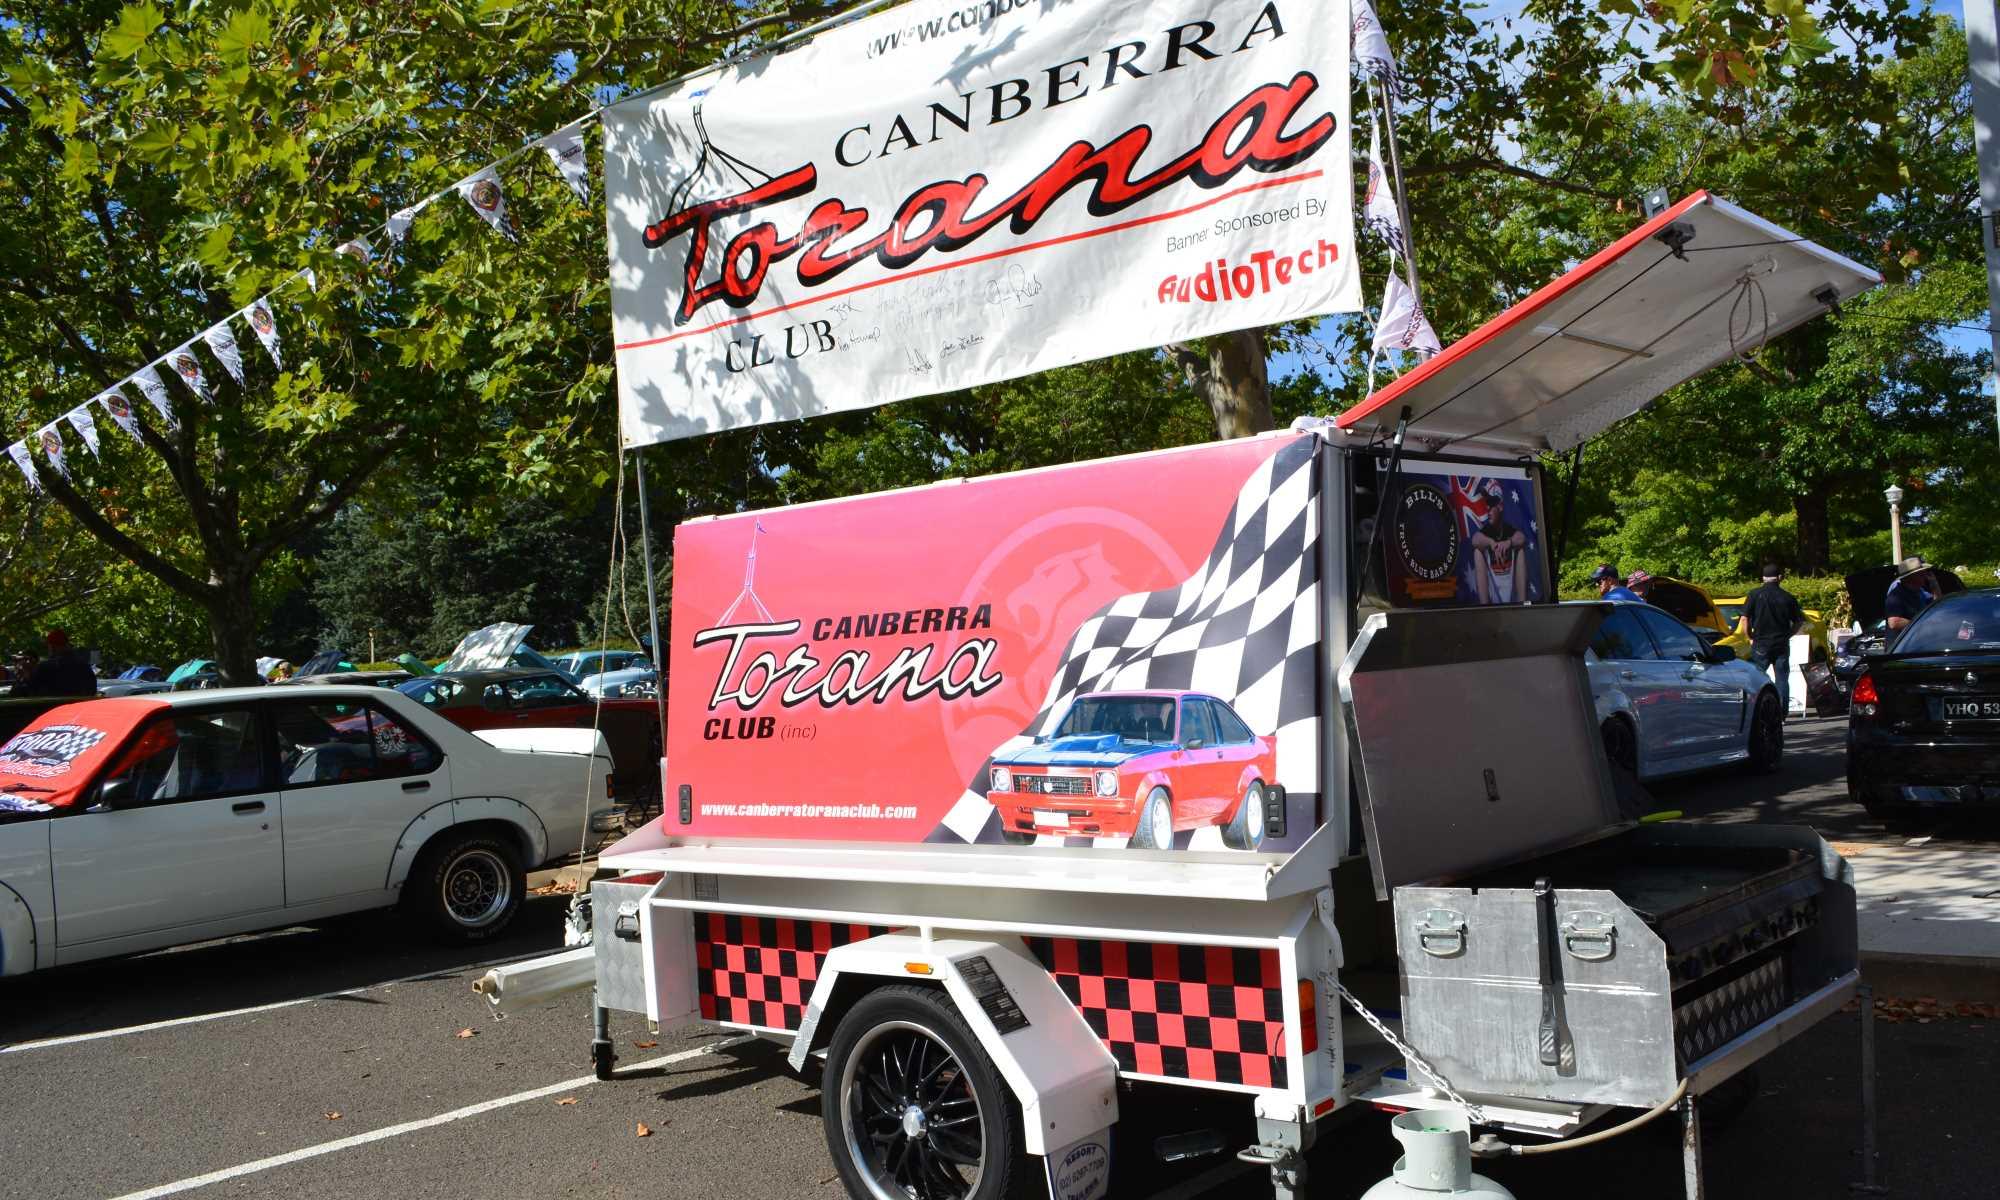 Canberra Torana Club